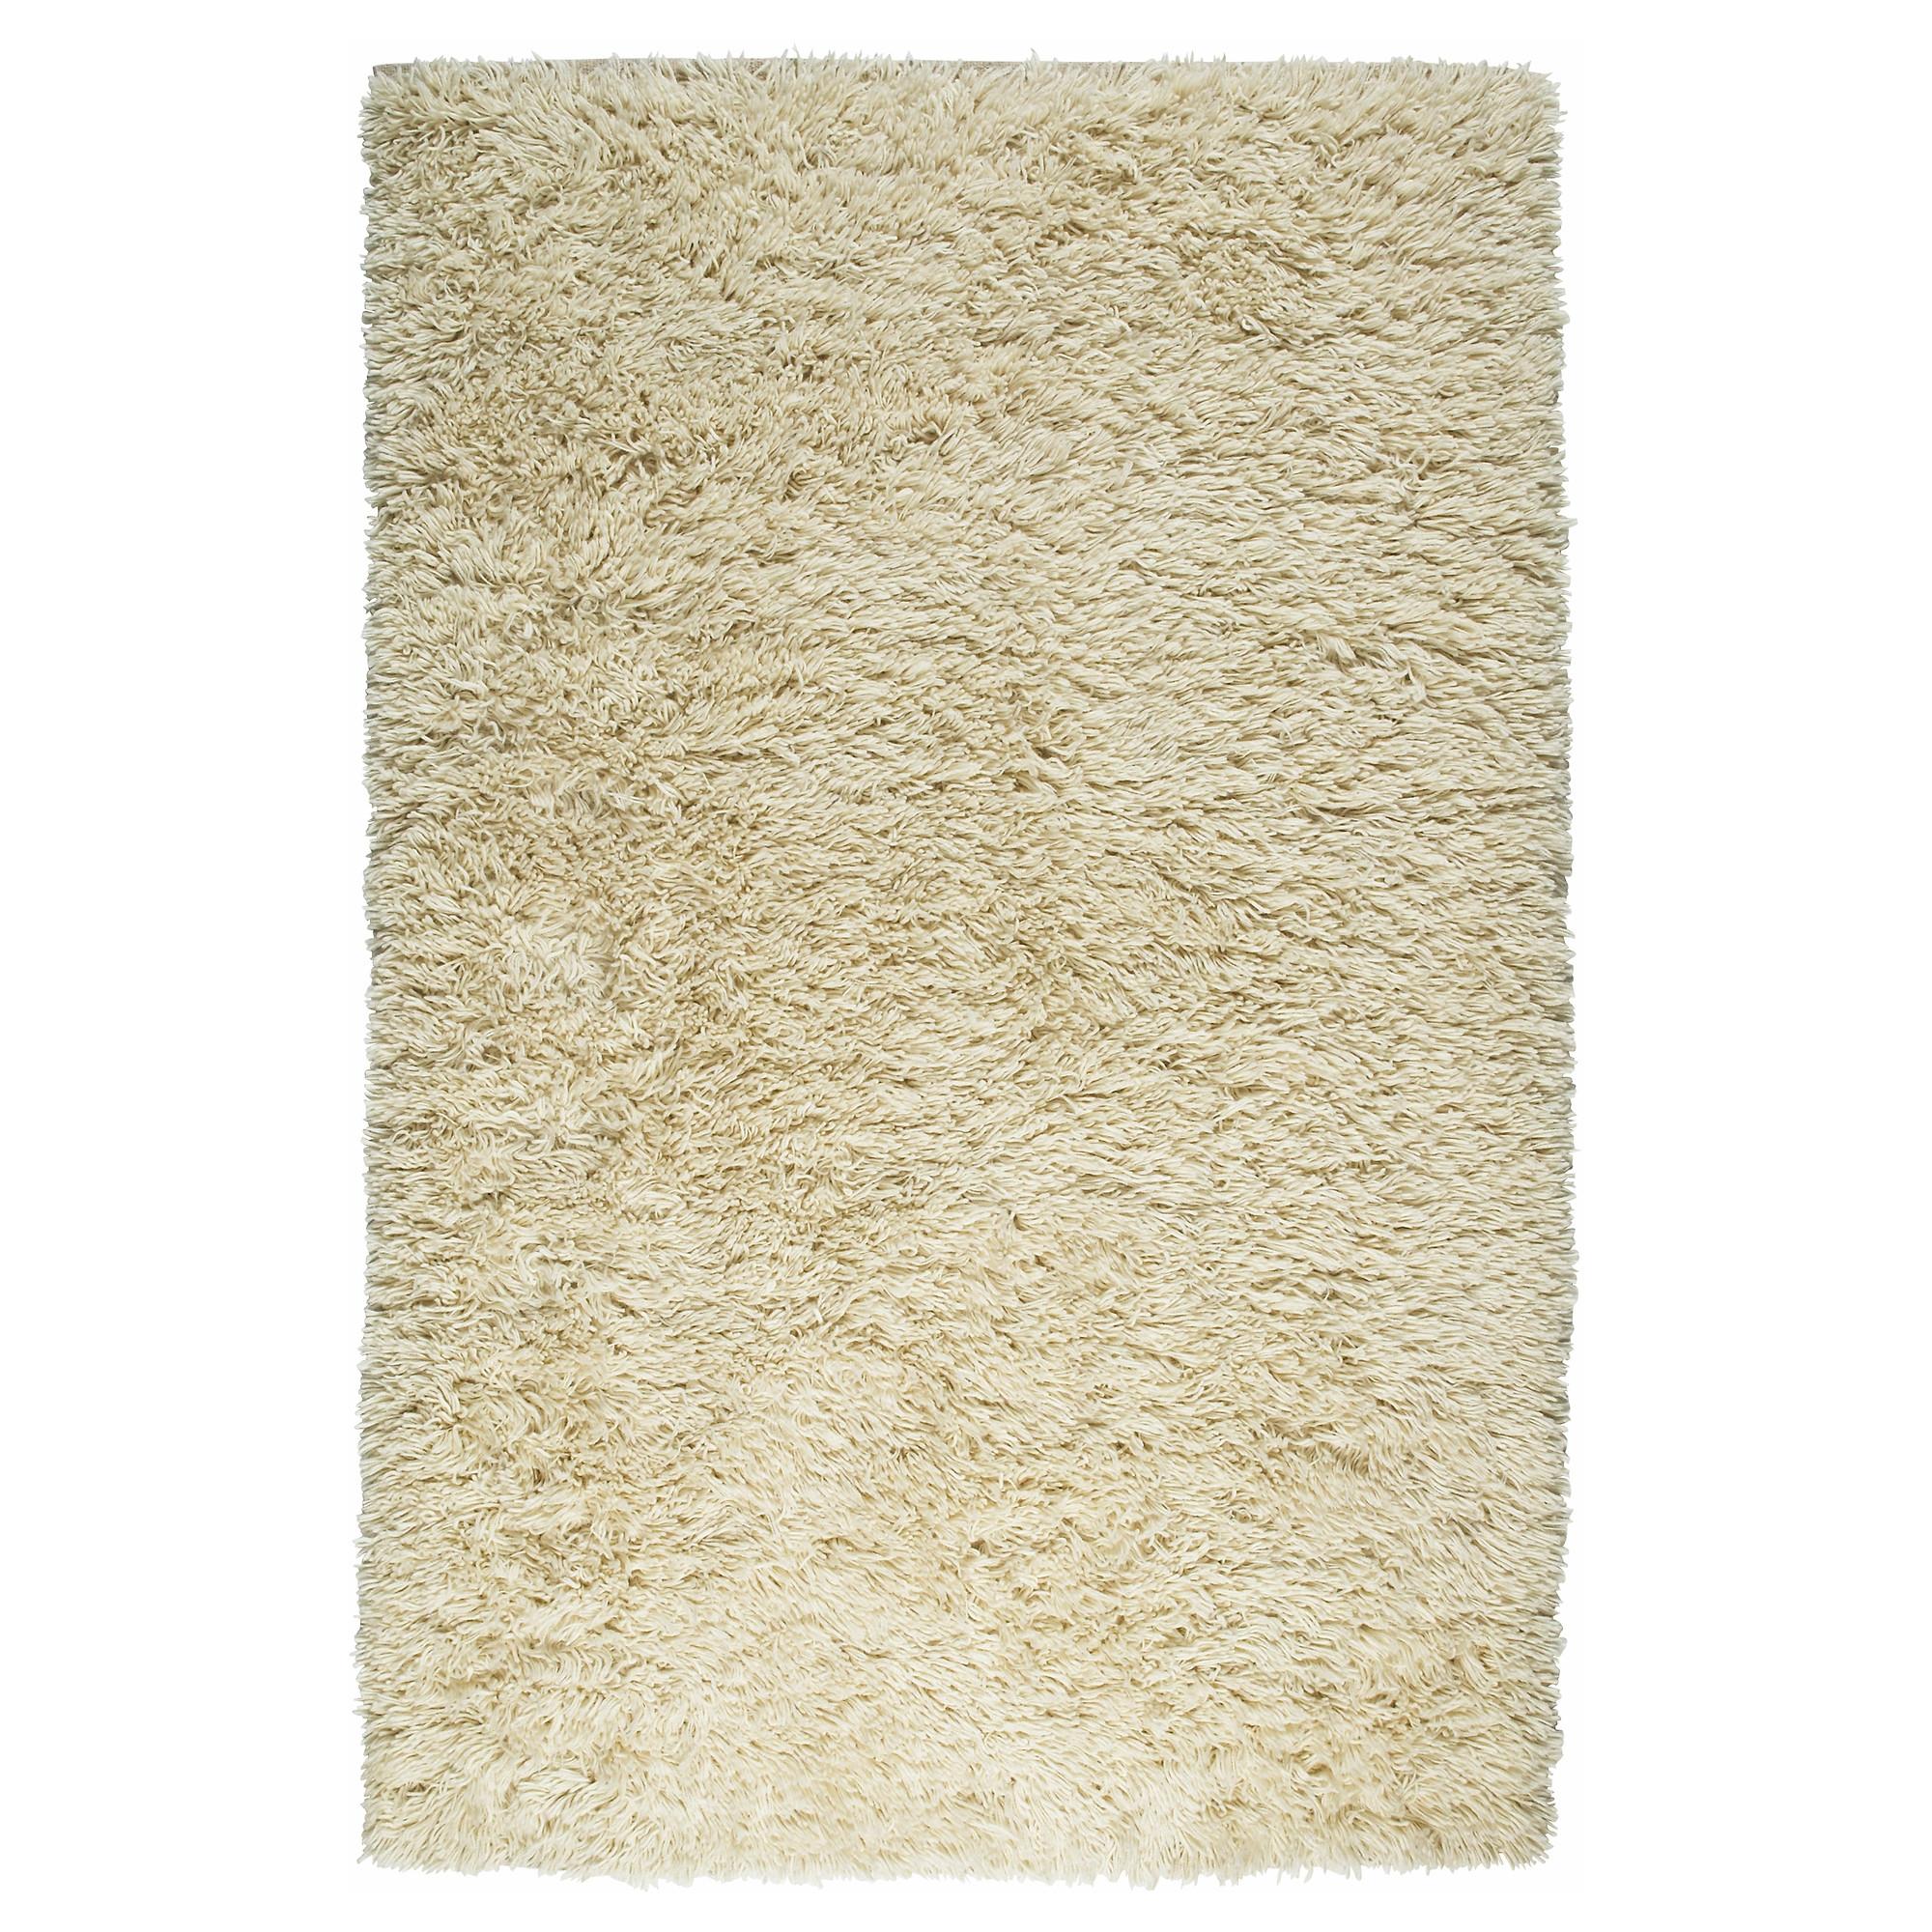 Vitten alfombra pelo largo - Antideslizante alfombras ikea ...